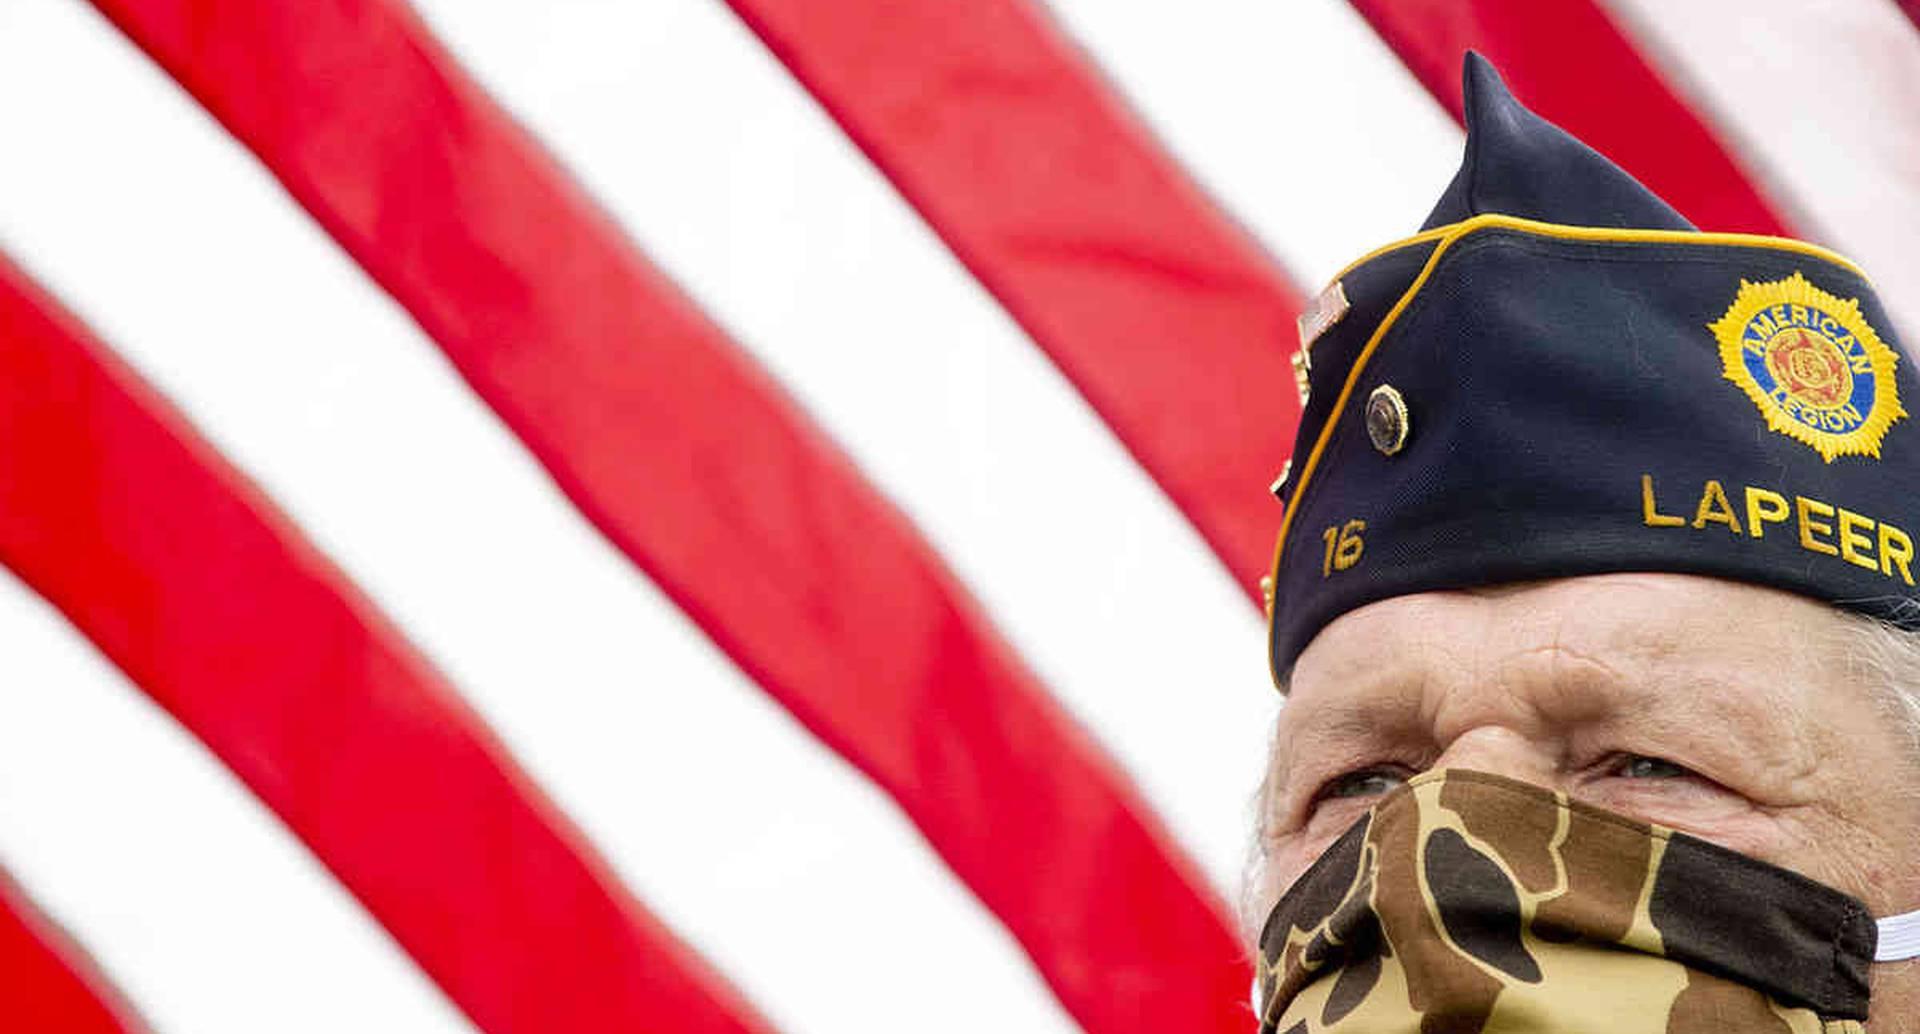 Mike Woodall, de Lum, Mich., que sirvió en el ejército de EE. UU. de 1970 a 1972, sostiene una bandera de EE. UU. mientras usa un tapabocas de camuflaje para protegerse durante un desfile de distanciamiento social y ceremonia del Día de los Caídos, el lunes 25 de mayo de 2020 en Anrook Park in Lapeer, Mich. (Jake May / The Flint Journal vía AP)